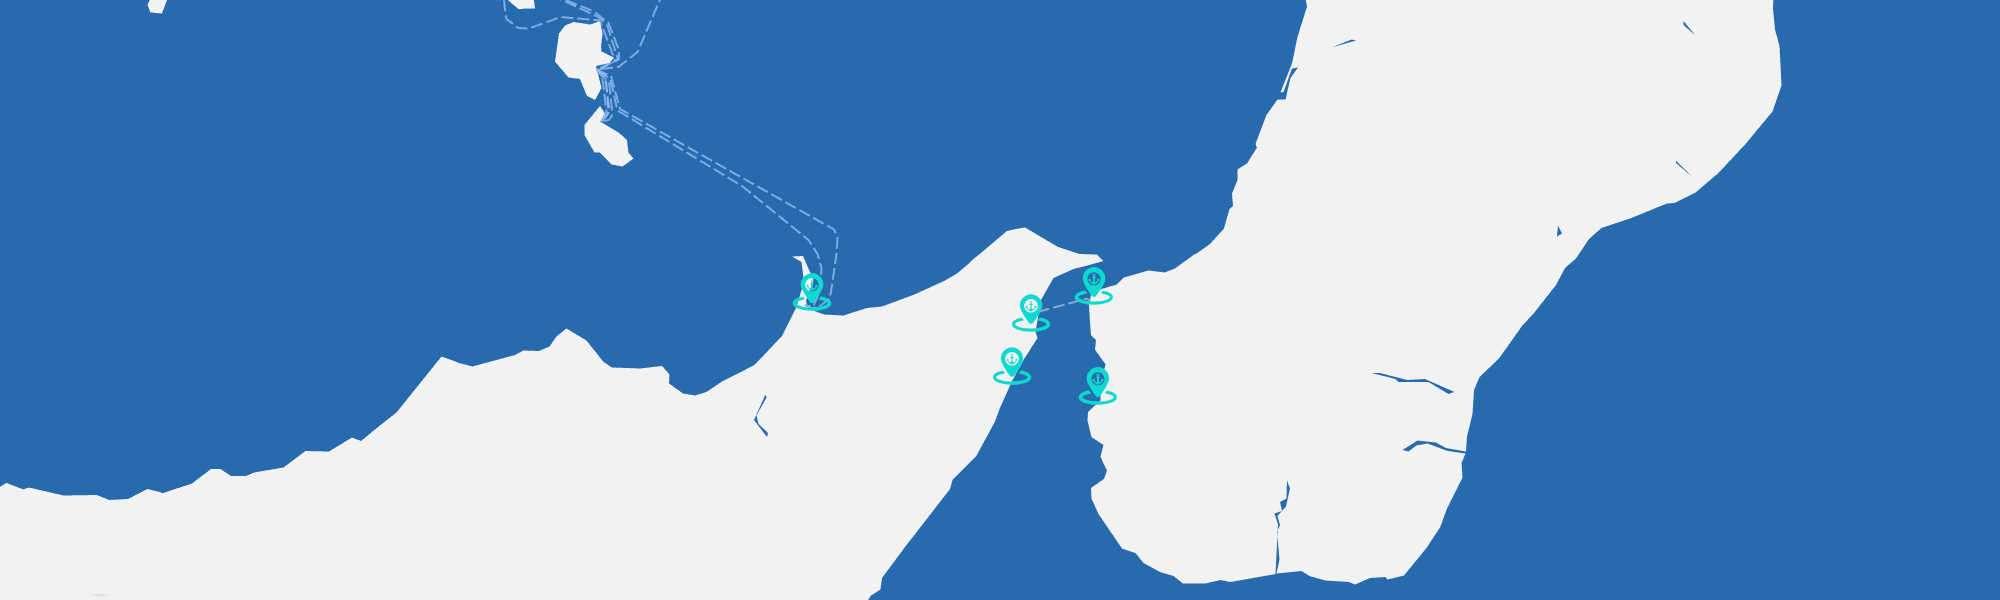 Mappa dei porti dello Stretto